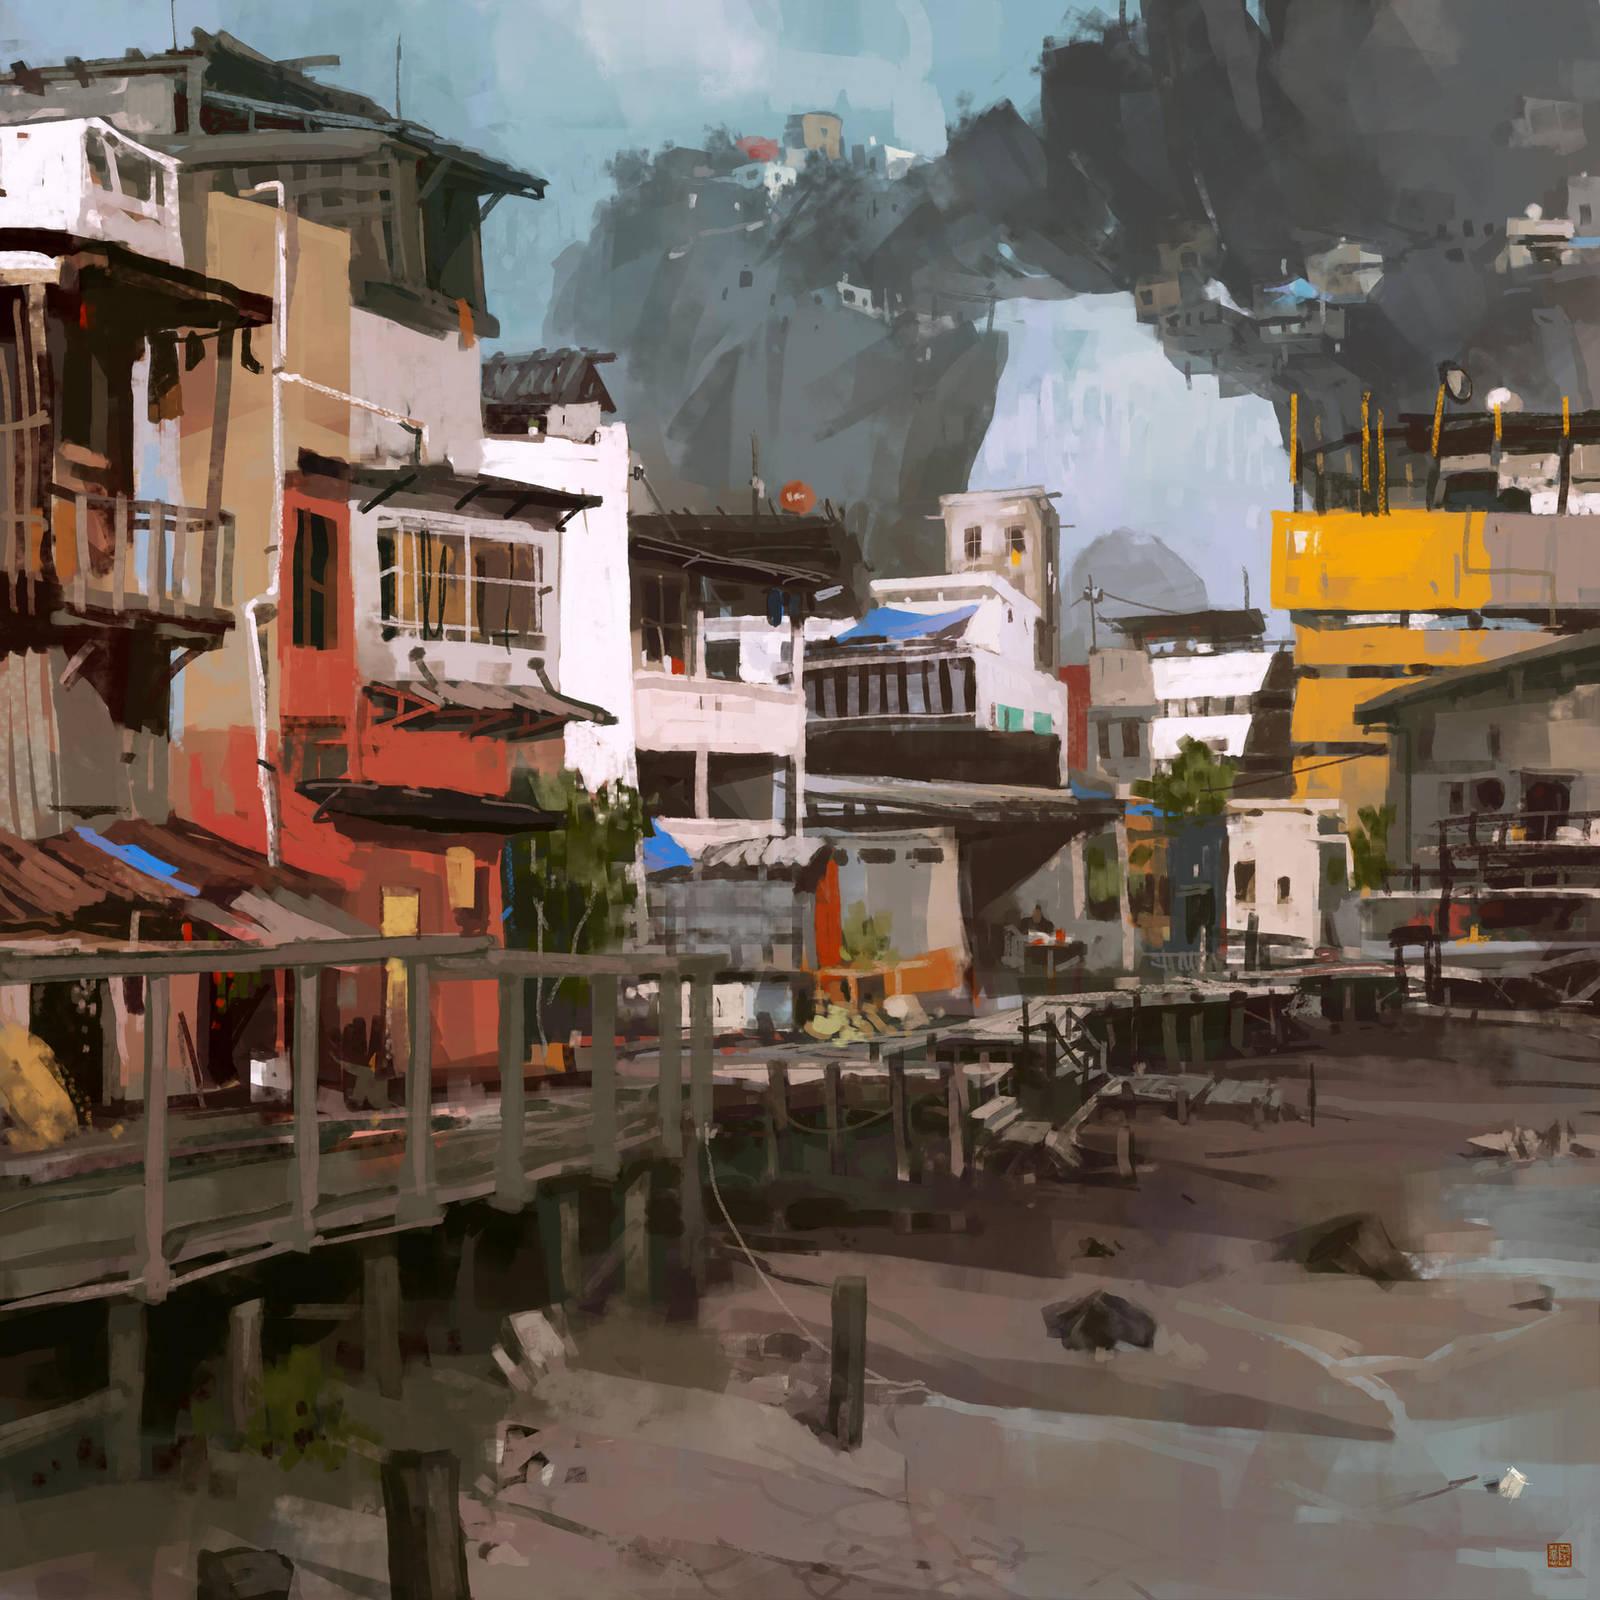 BT_Carambola_Env_Slum02 by barontieri